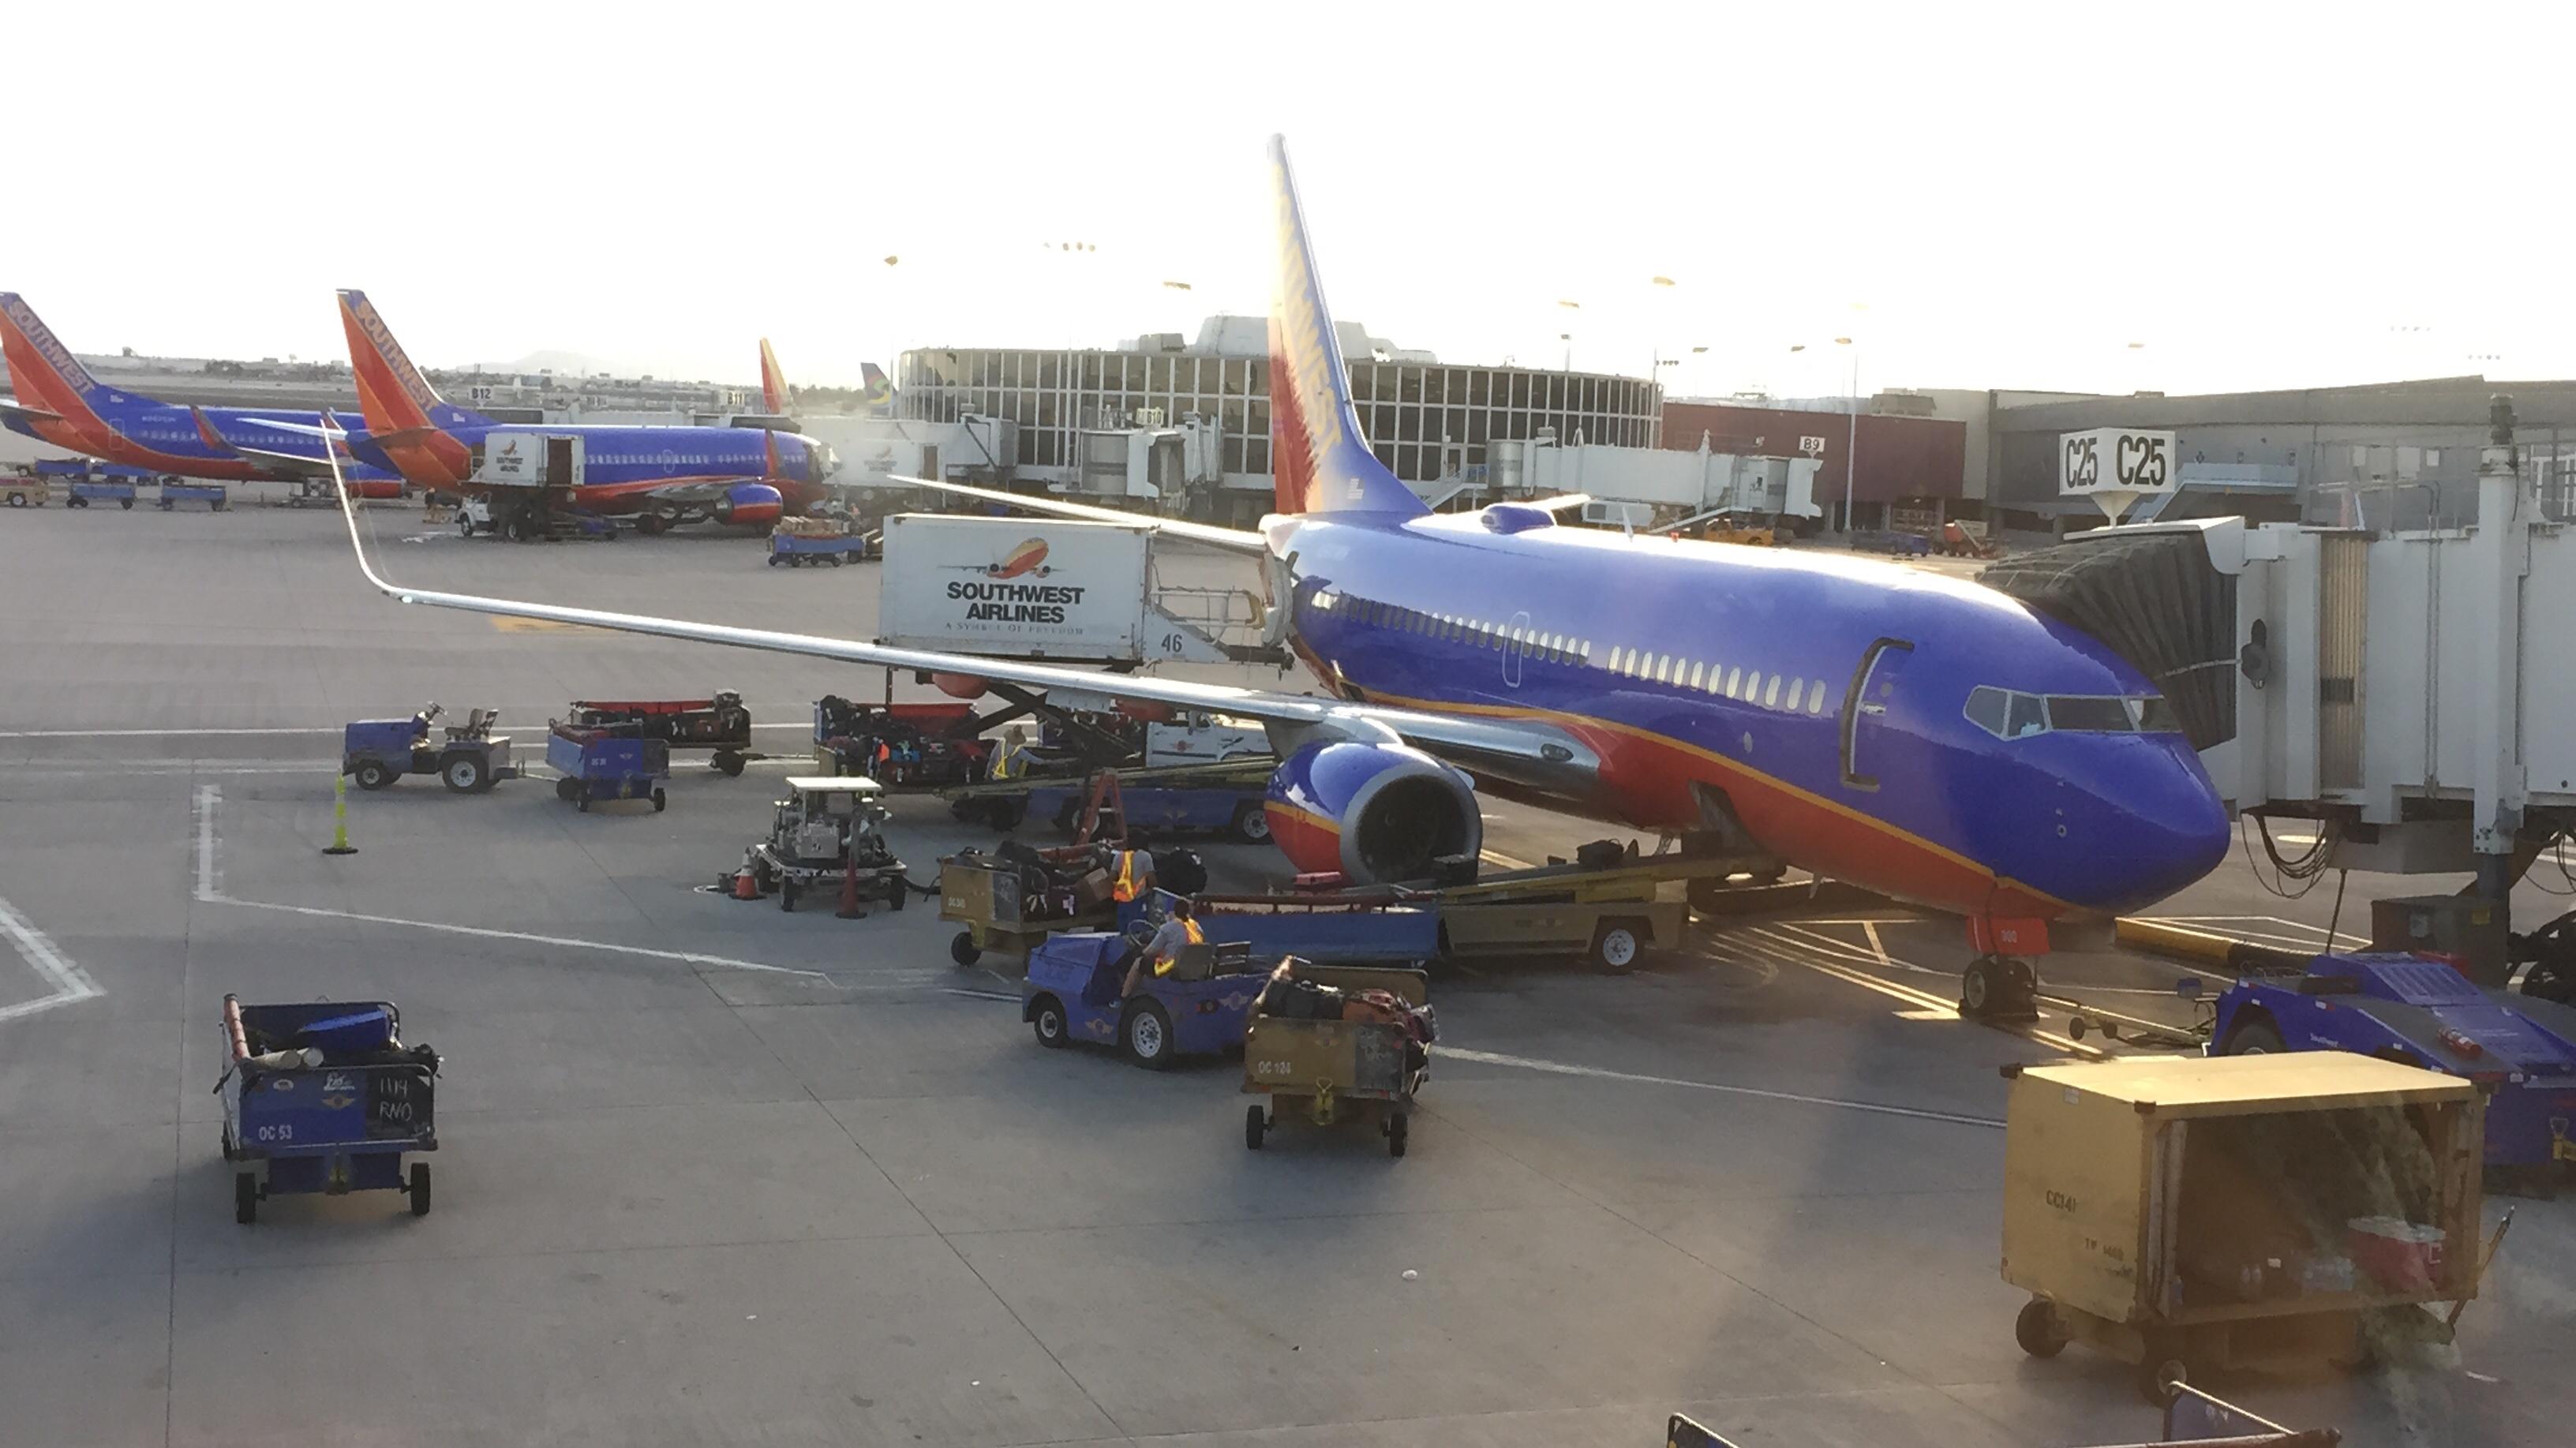 Resultado de imagen para southwest airlines LAX